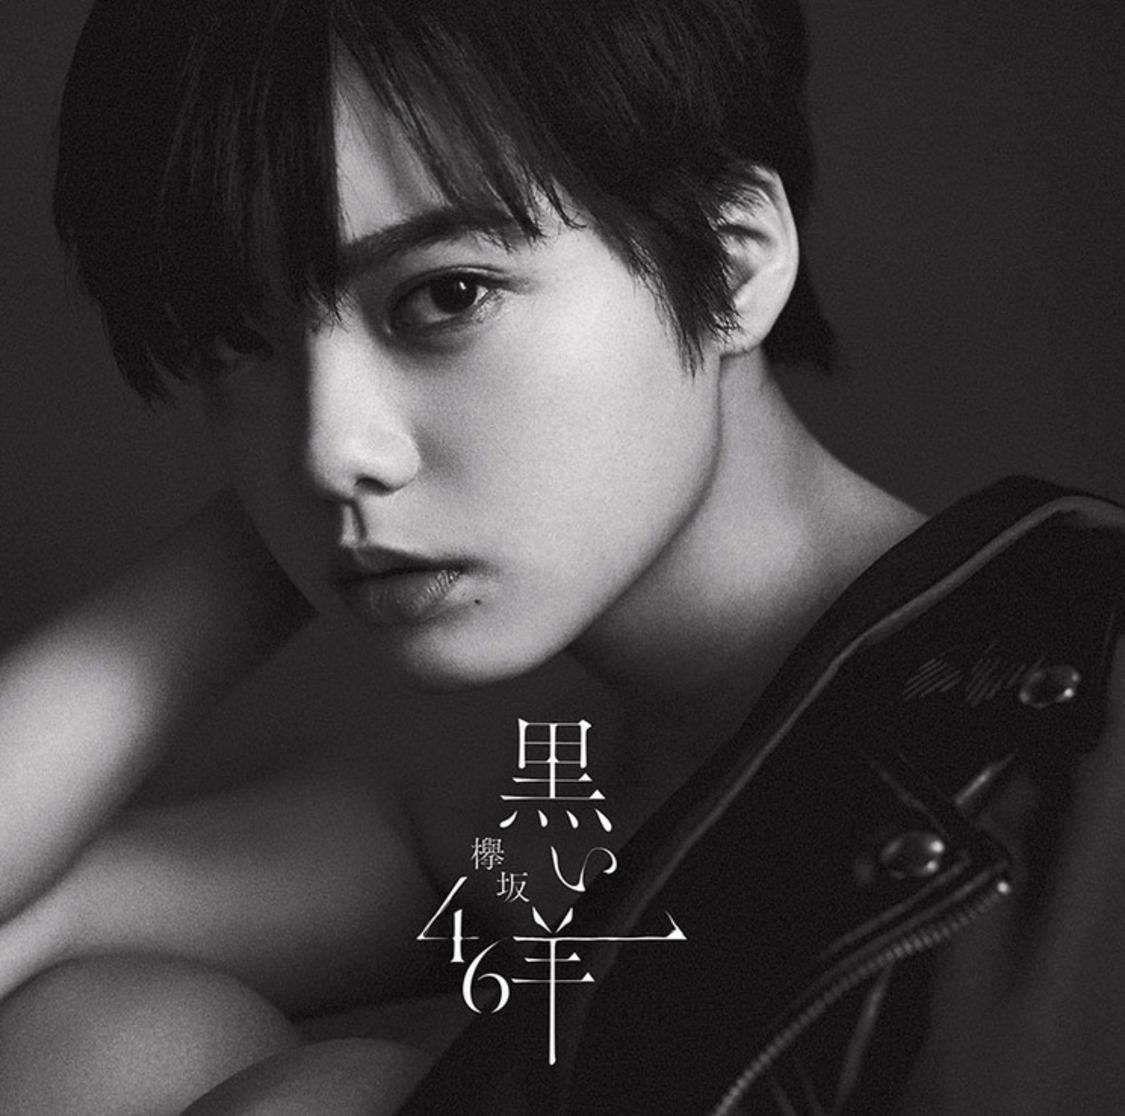 欅坂46「黒い羊」がレコ協ミリオン認定&乃木坂46『今が思い出になるまで』がダブル・プラチナ認定に